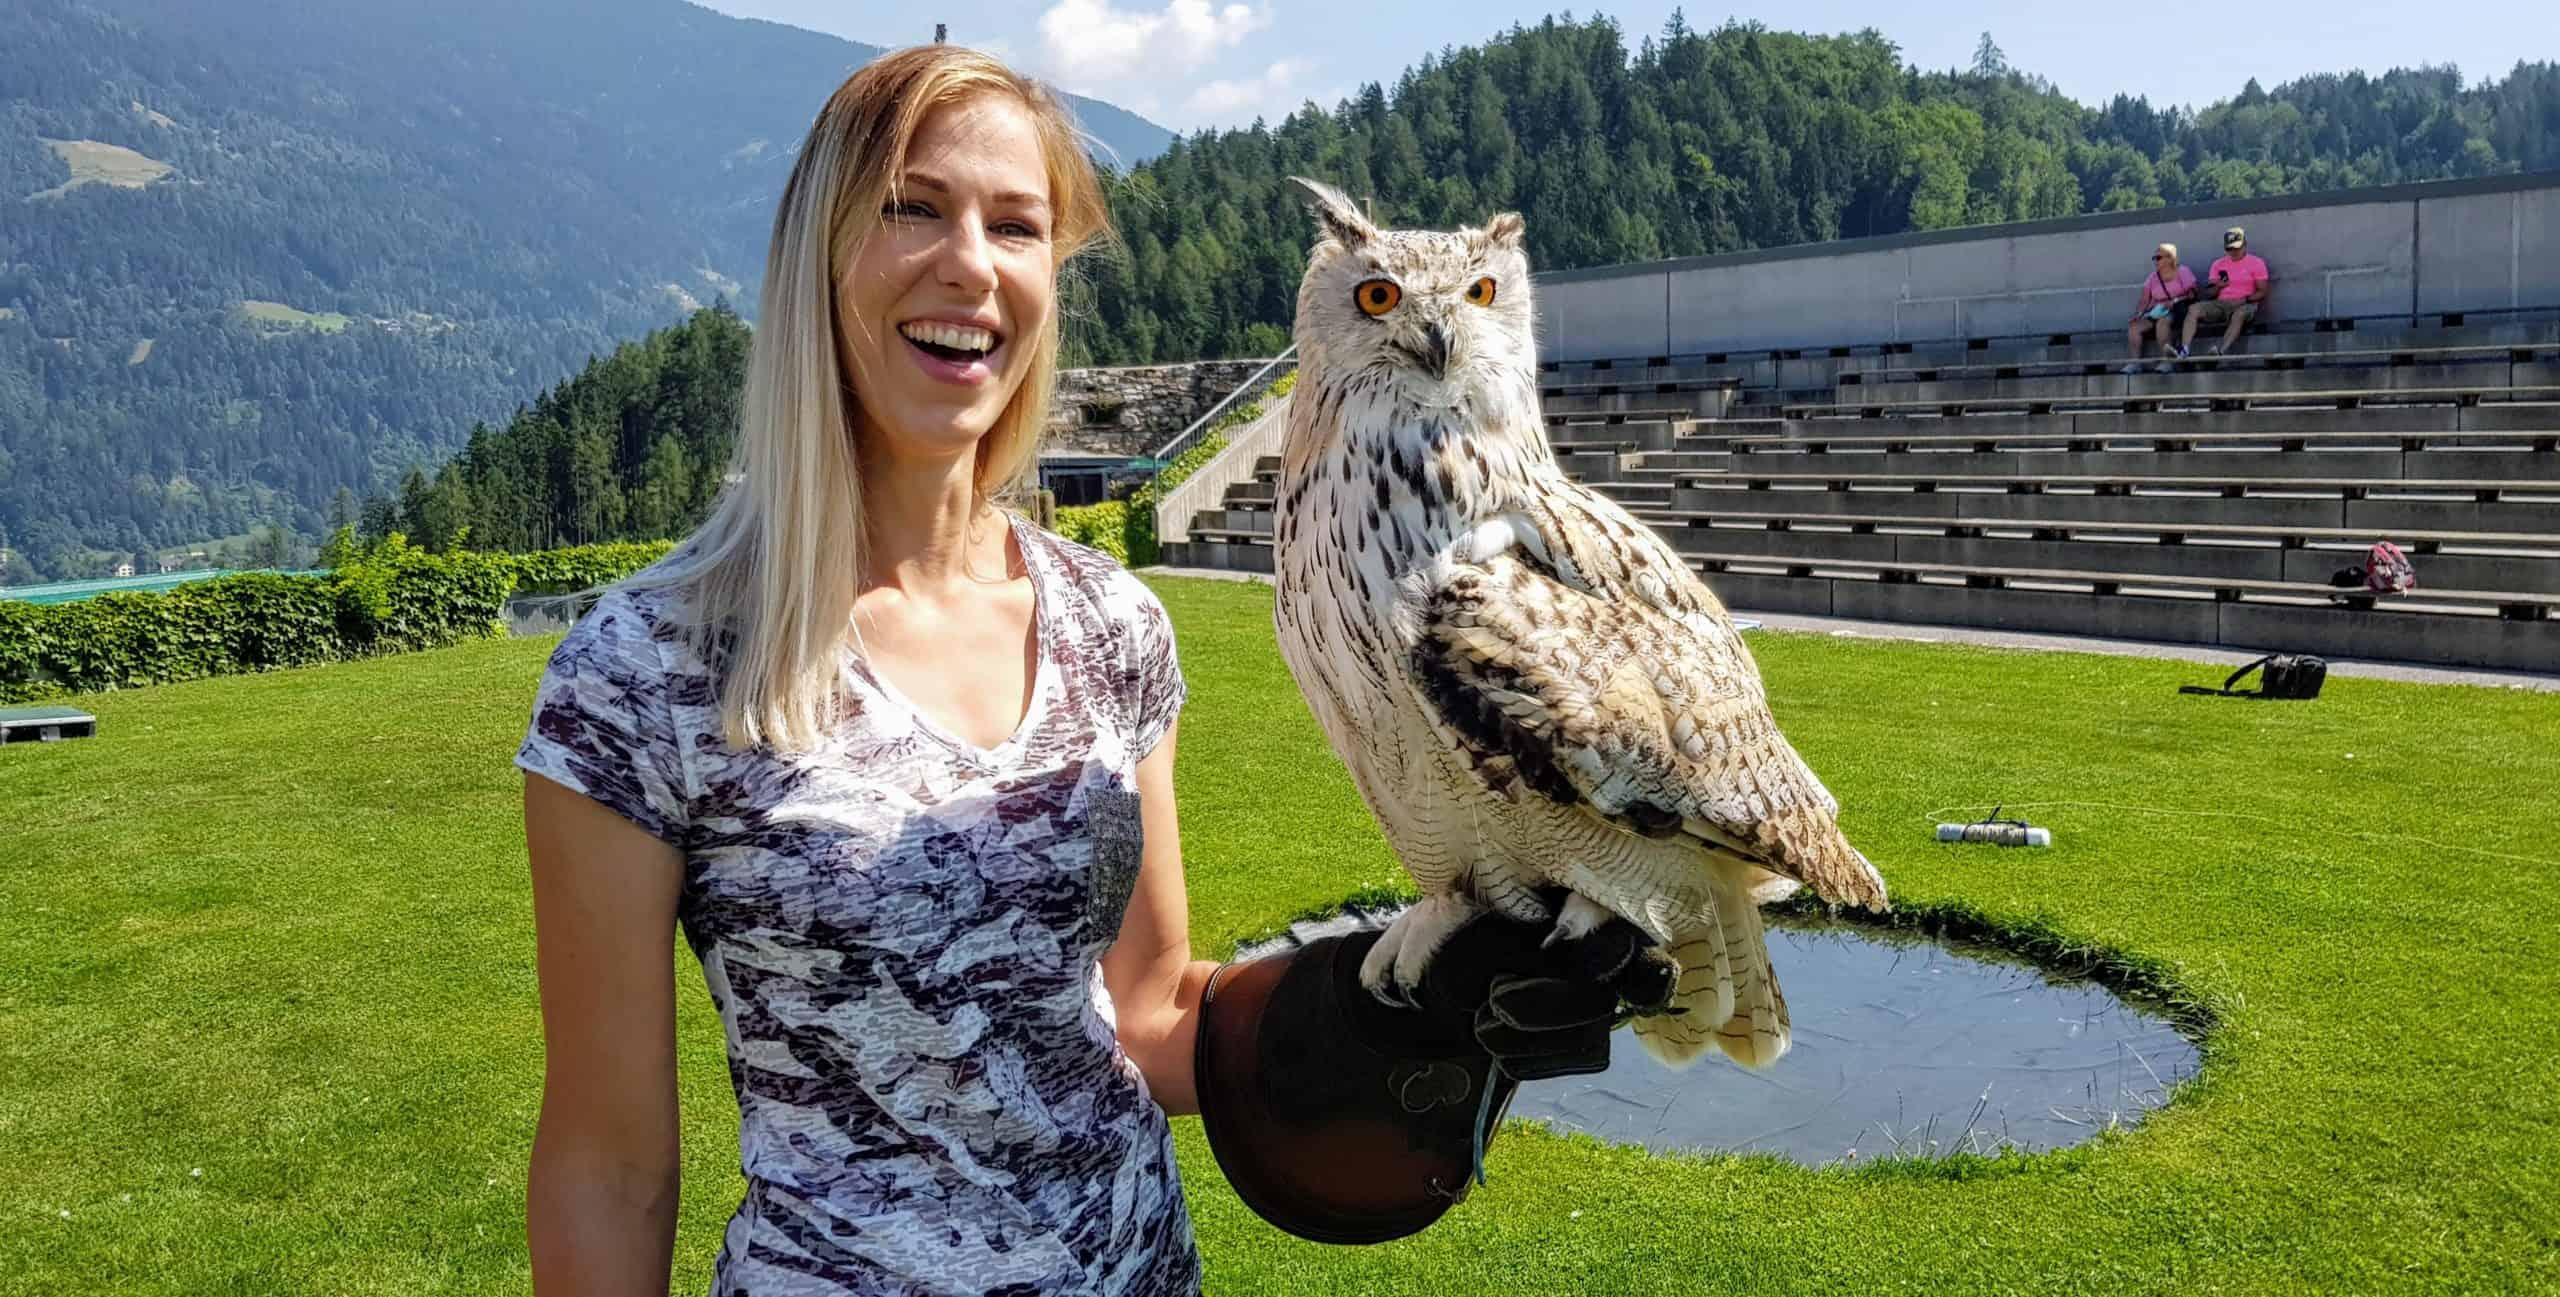 Sibirischer Uhu mit Besucherin auf der Adlerarena Burg Landskron in Kärnten am Ossiacher See bei Urlaub in Villach, Österreich